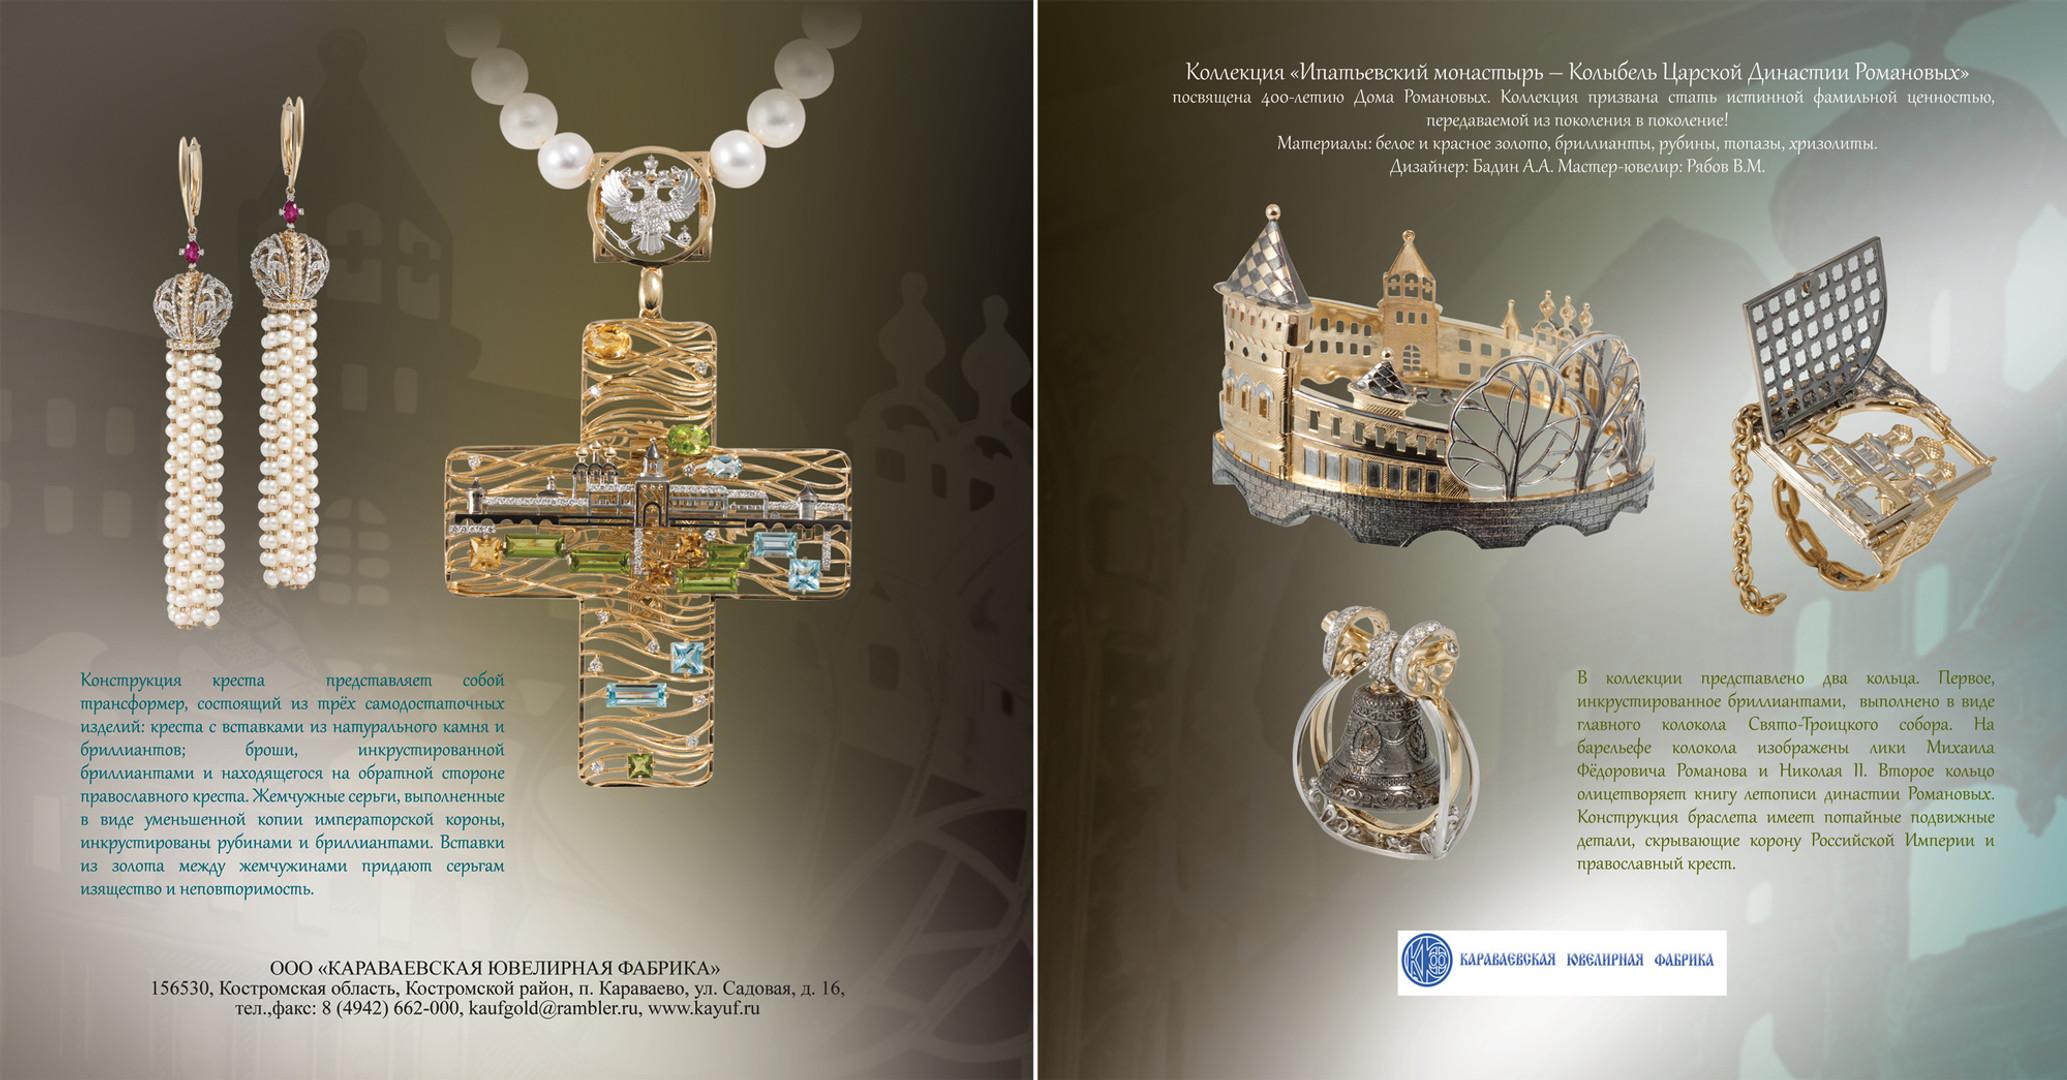 Ипатьевский монастырь -  колыбель царской династии Романовых